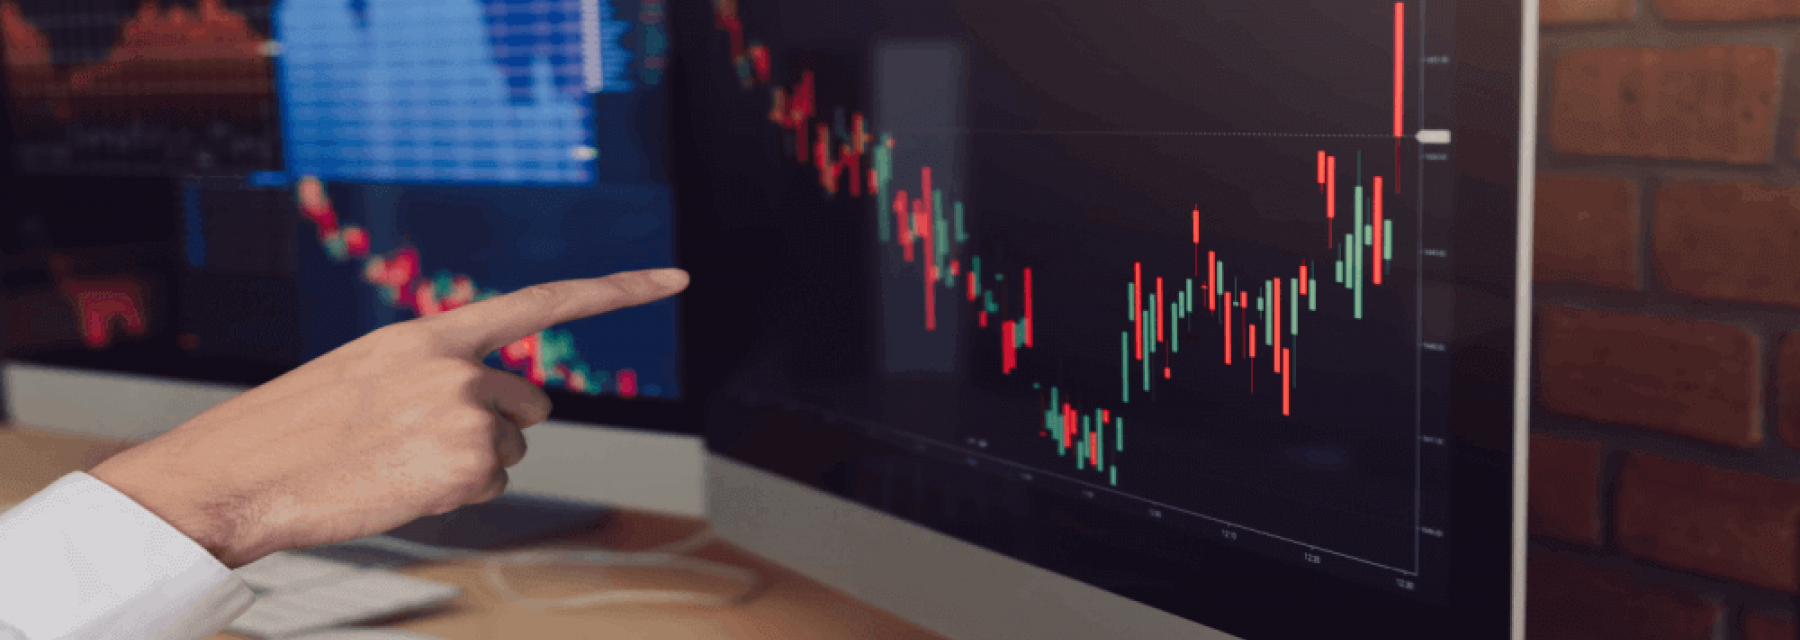 Credit & Market Risk